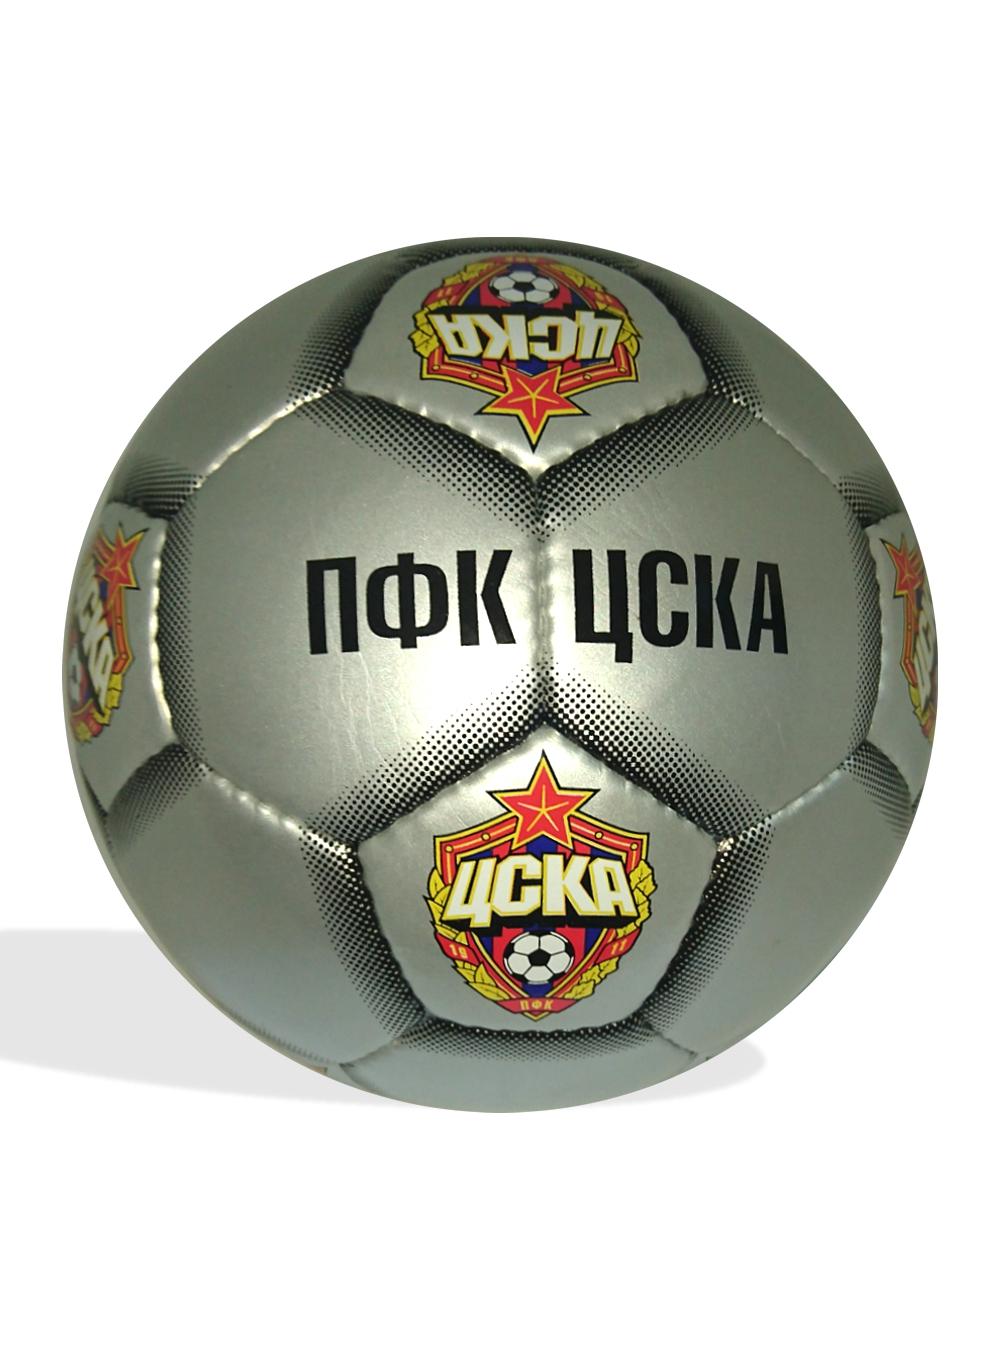 Мяч футбольный ПФК ЦСКА,серебро, размер 5